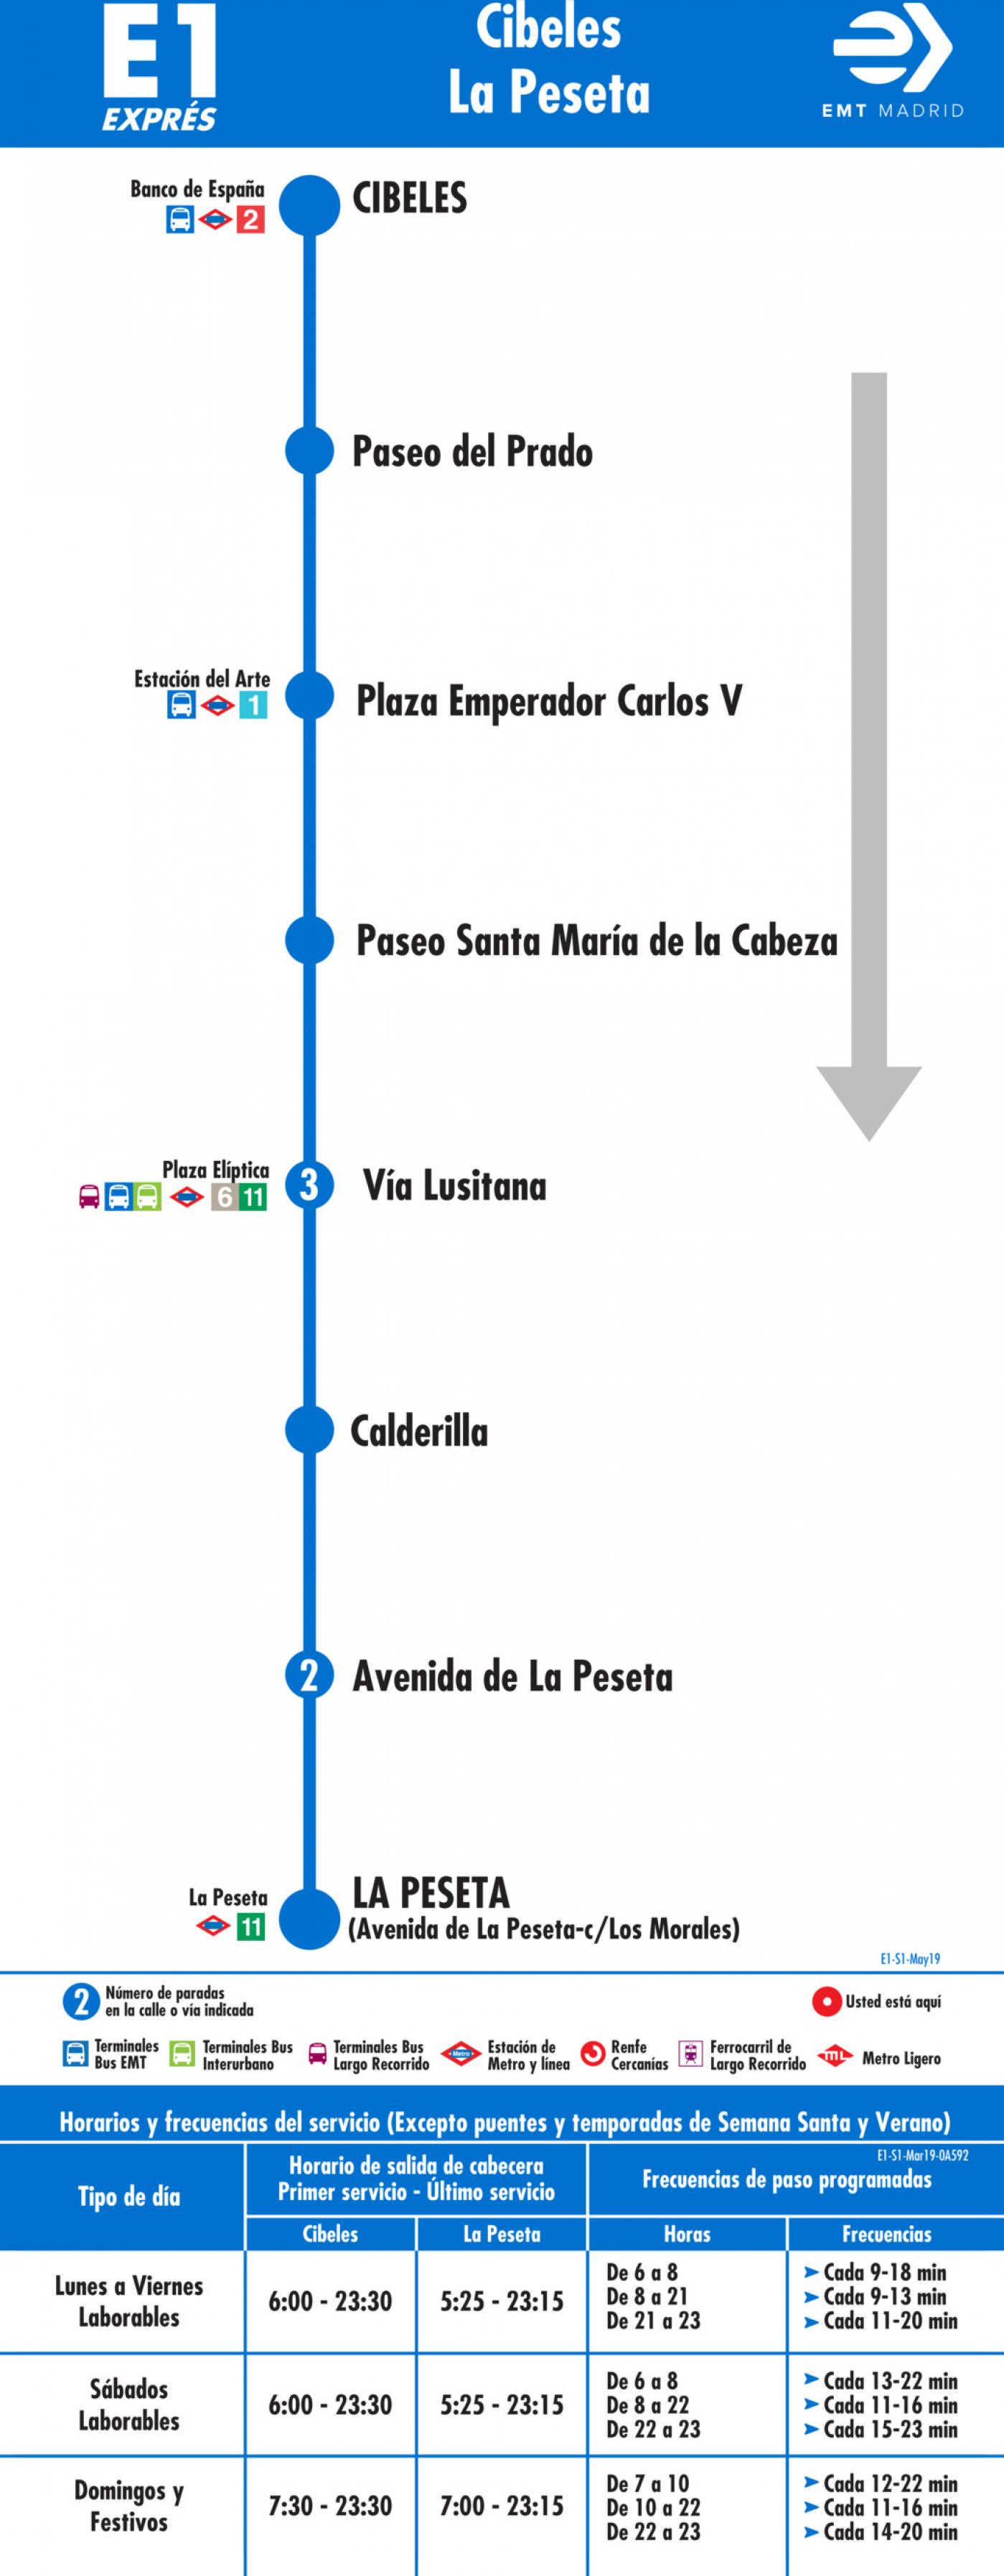 Tabla de horarios y frecuencias de paso en sentido ida Línea E1: Atocha - Embajadores - Plaza Elíptica